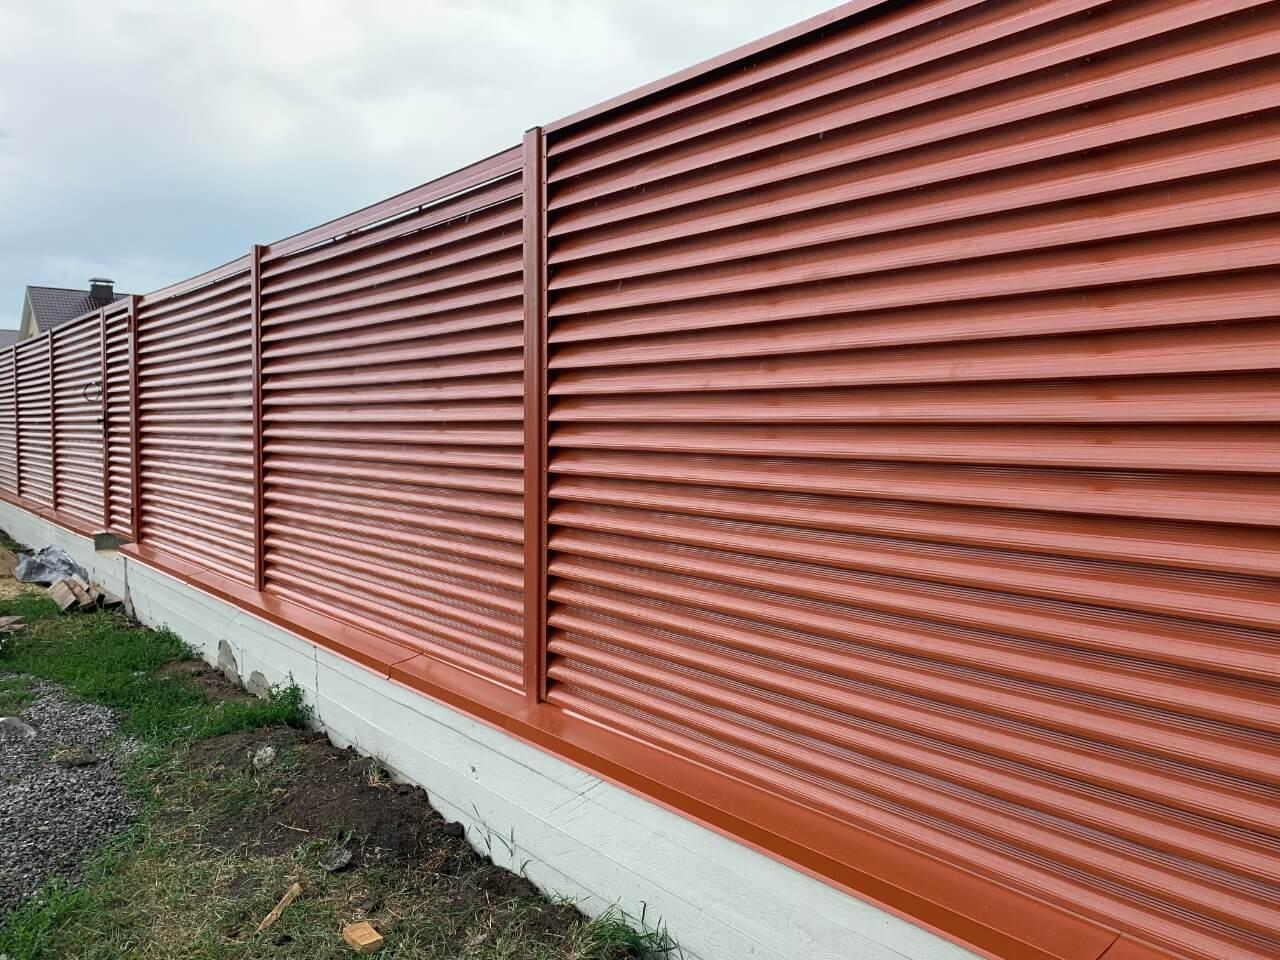 забор-жалюзи терракотовый фото5